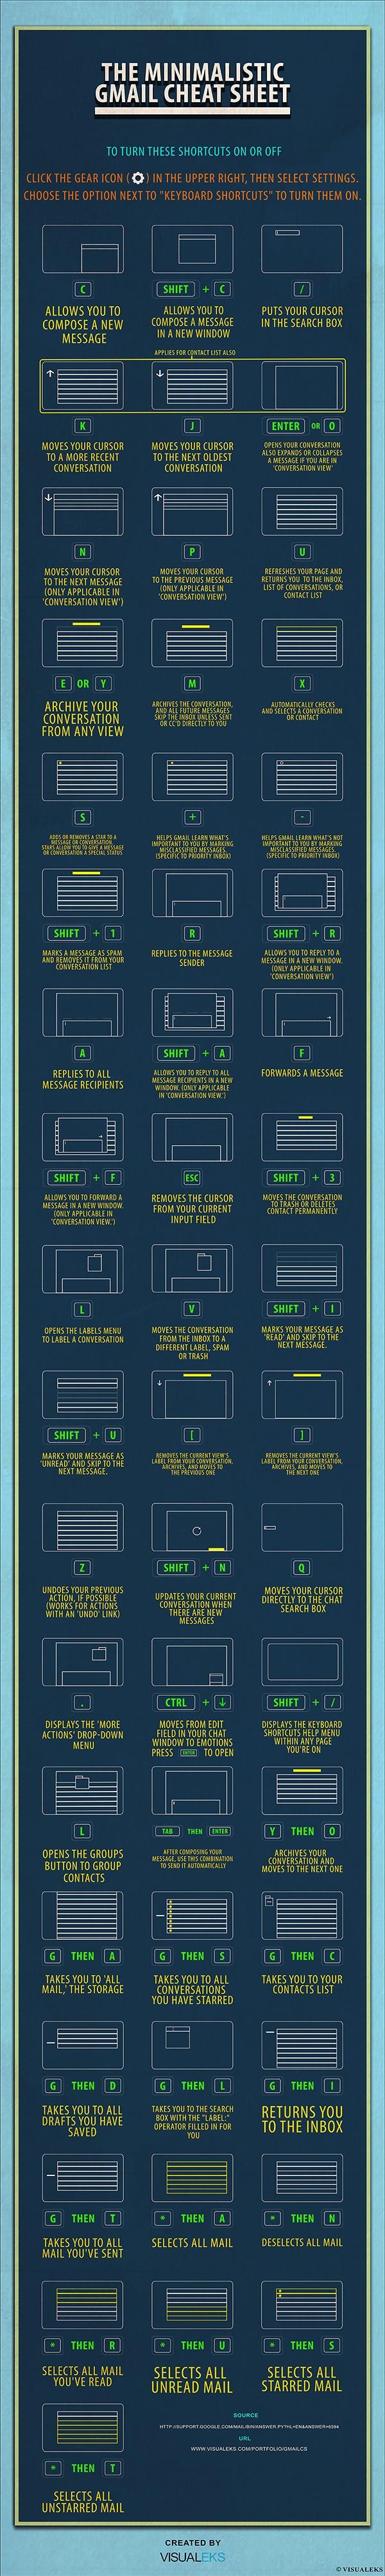 Gmail-Cheat-Sheet